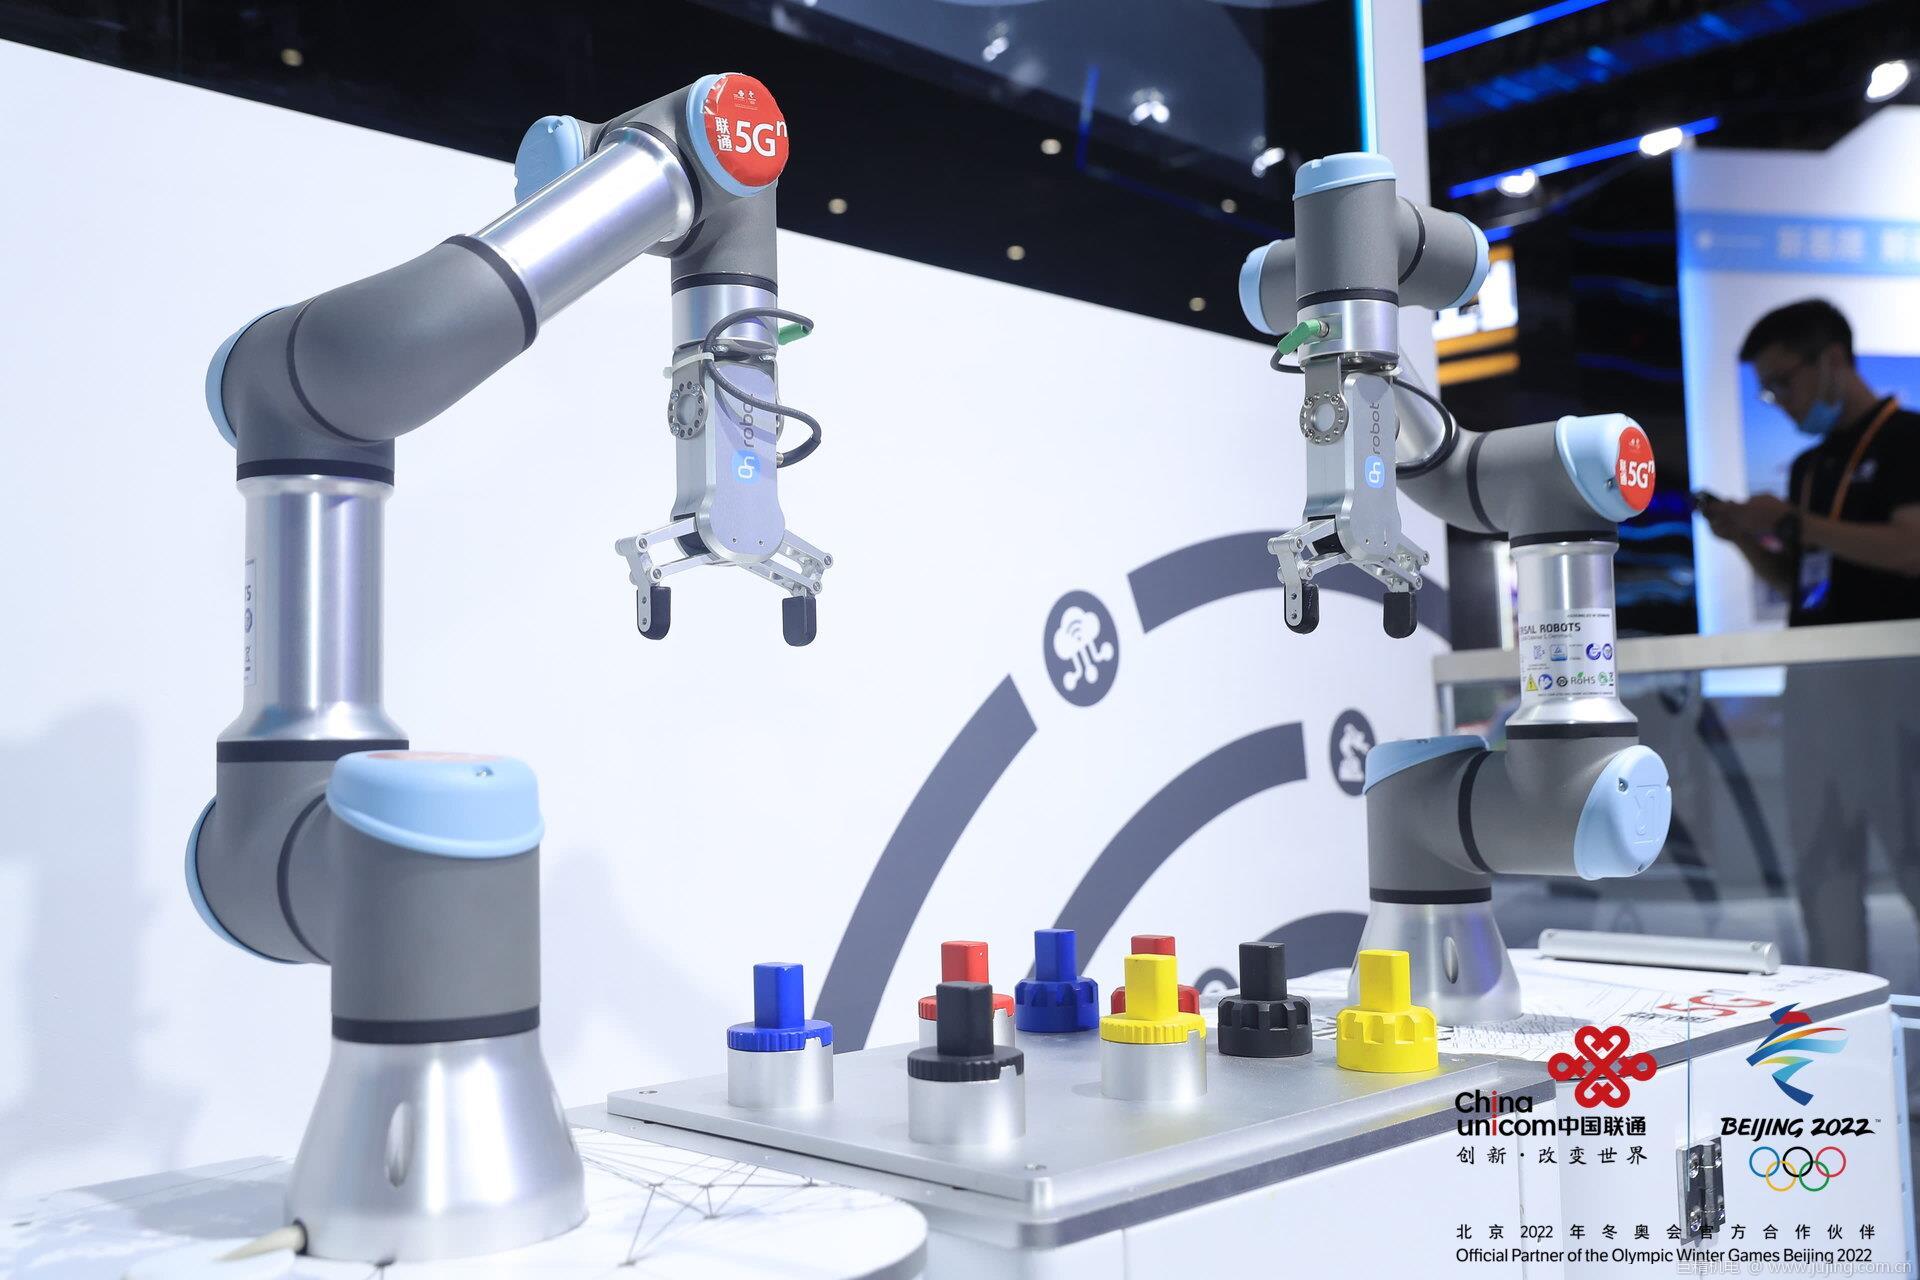 上海联通亮相2020工博会:5G赋能制造 智联未来工厂